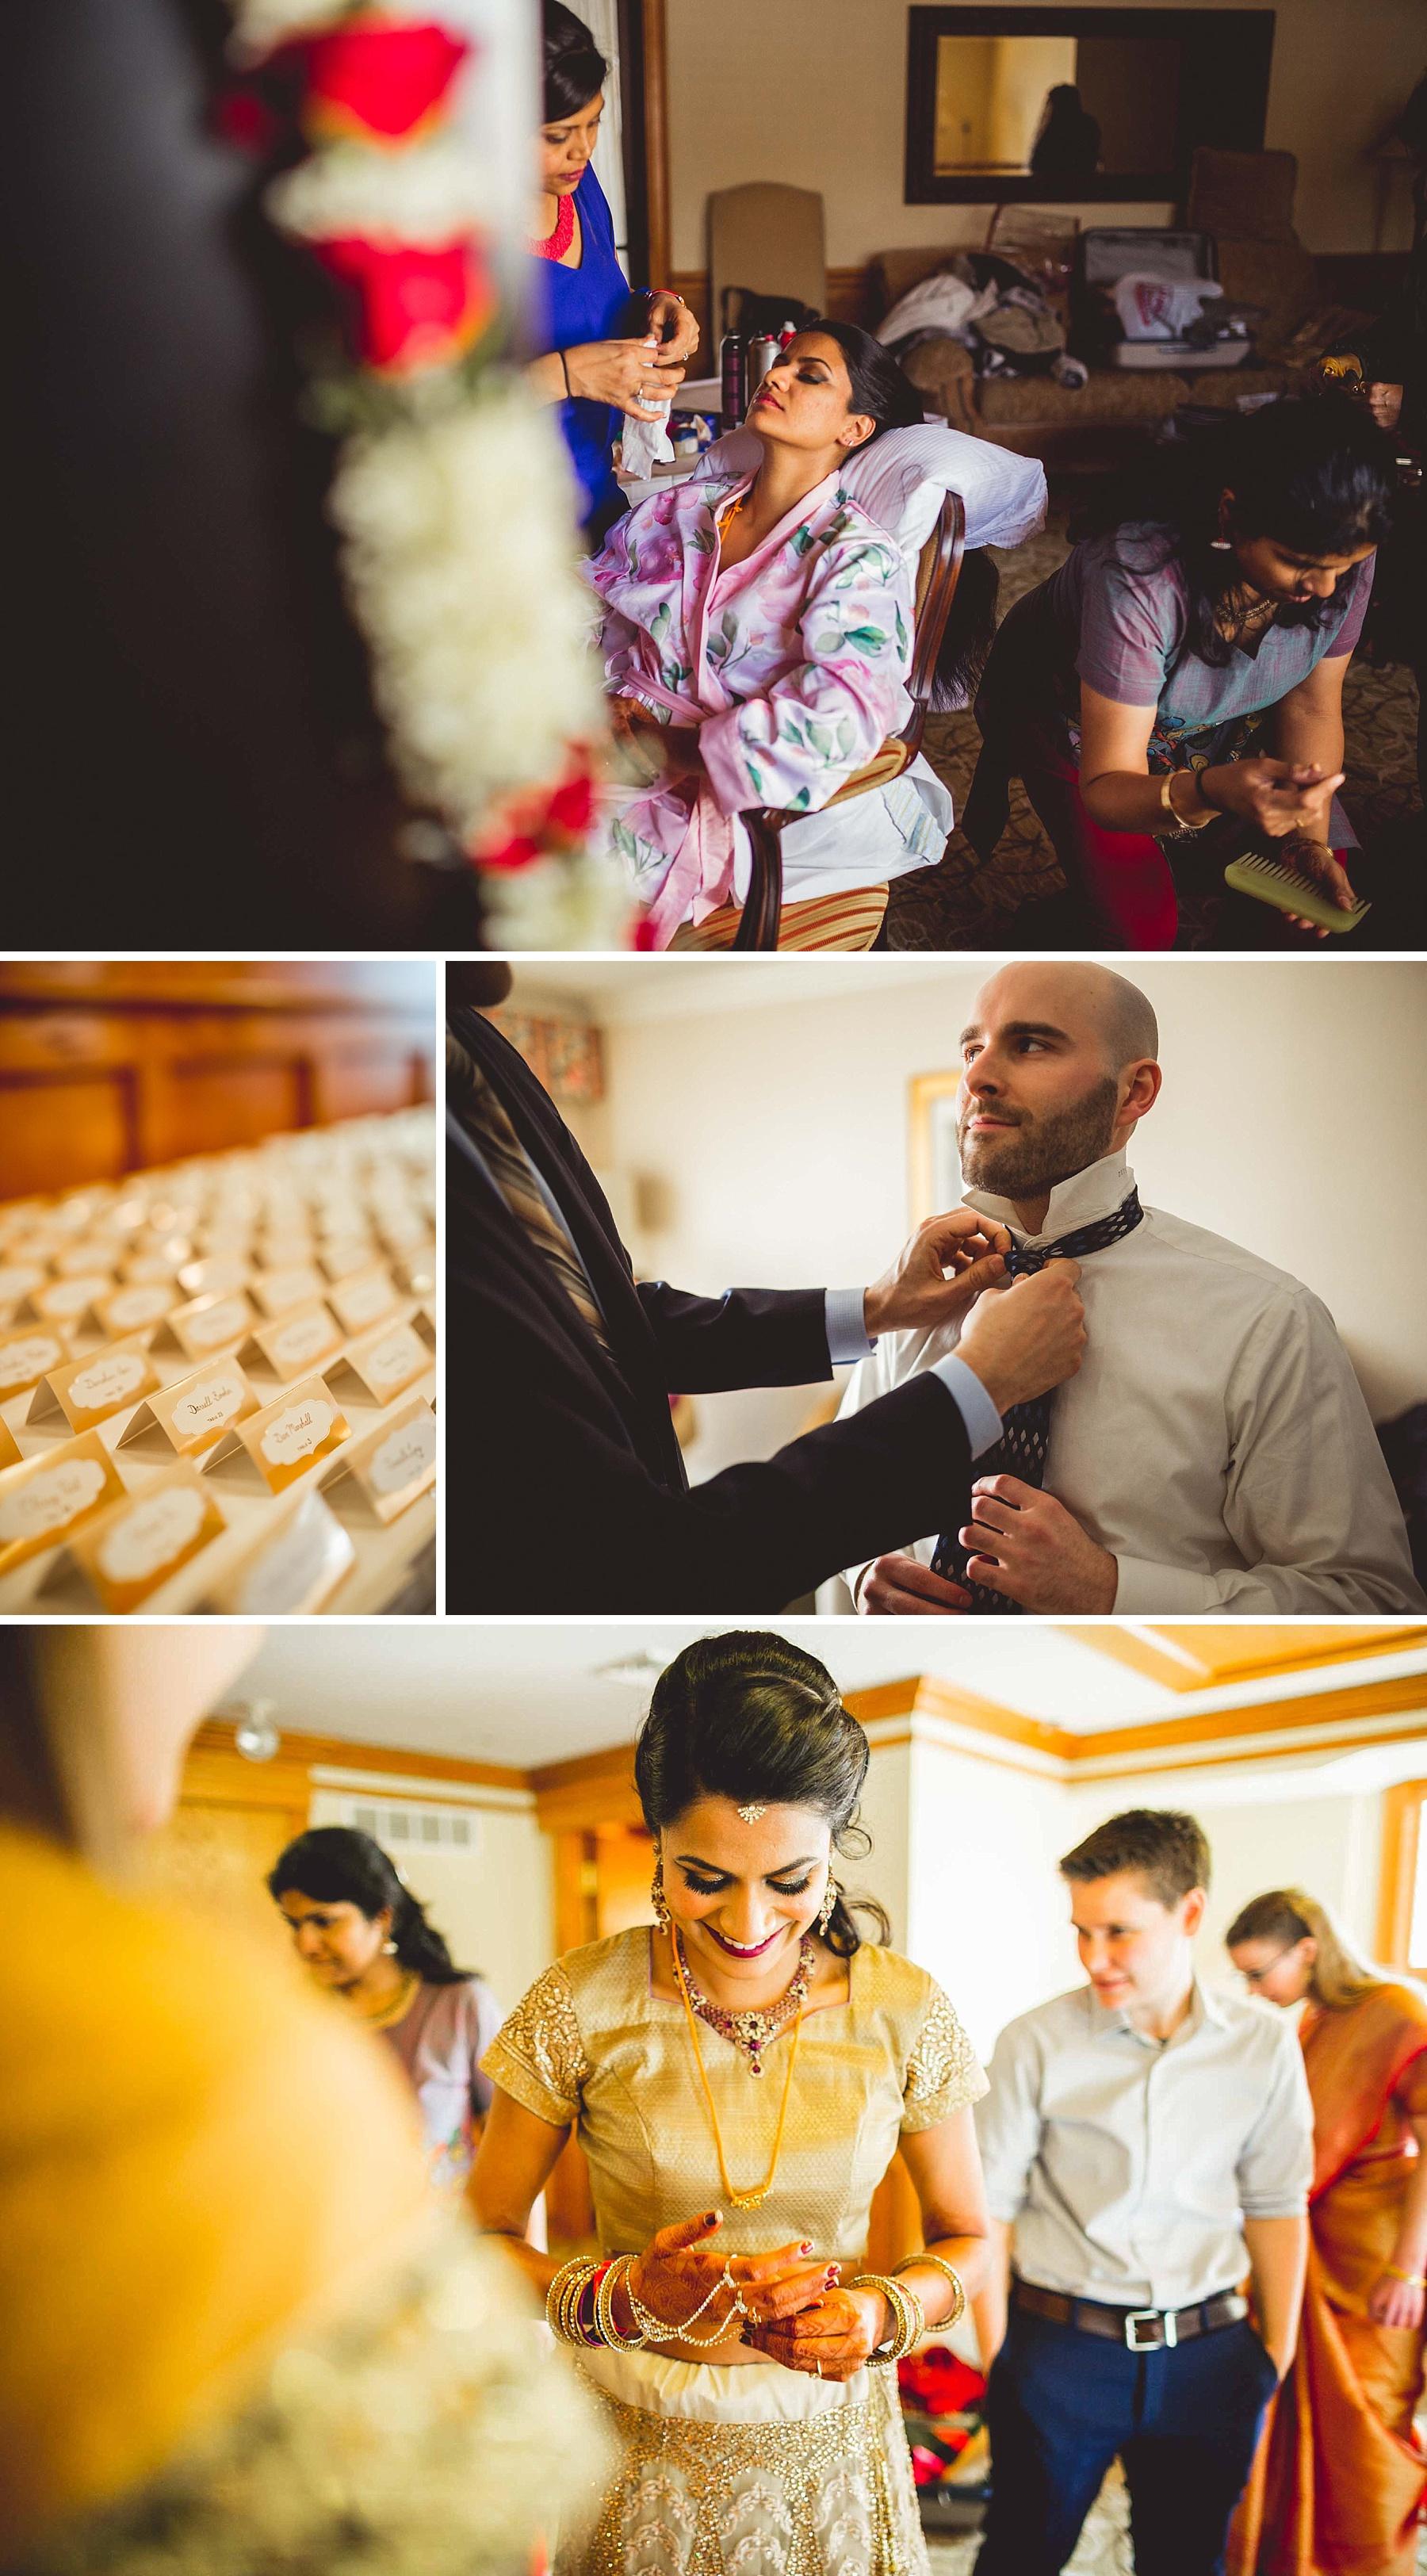 Ebersole-Photo-wedding-37.jpg